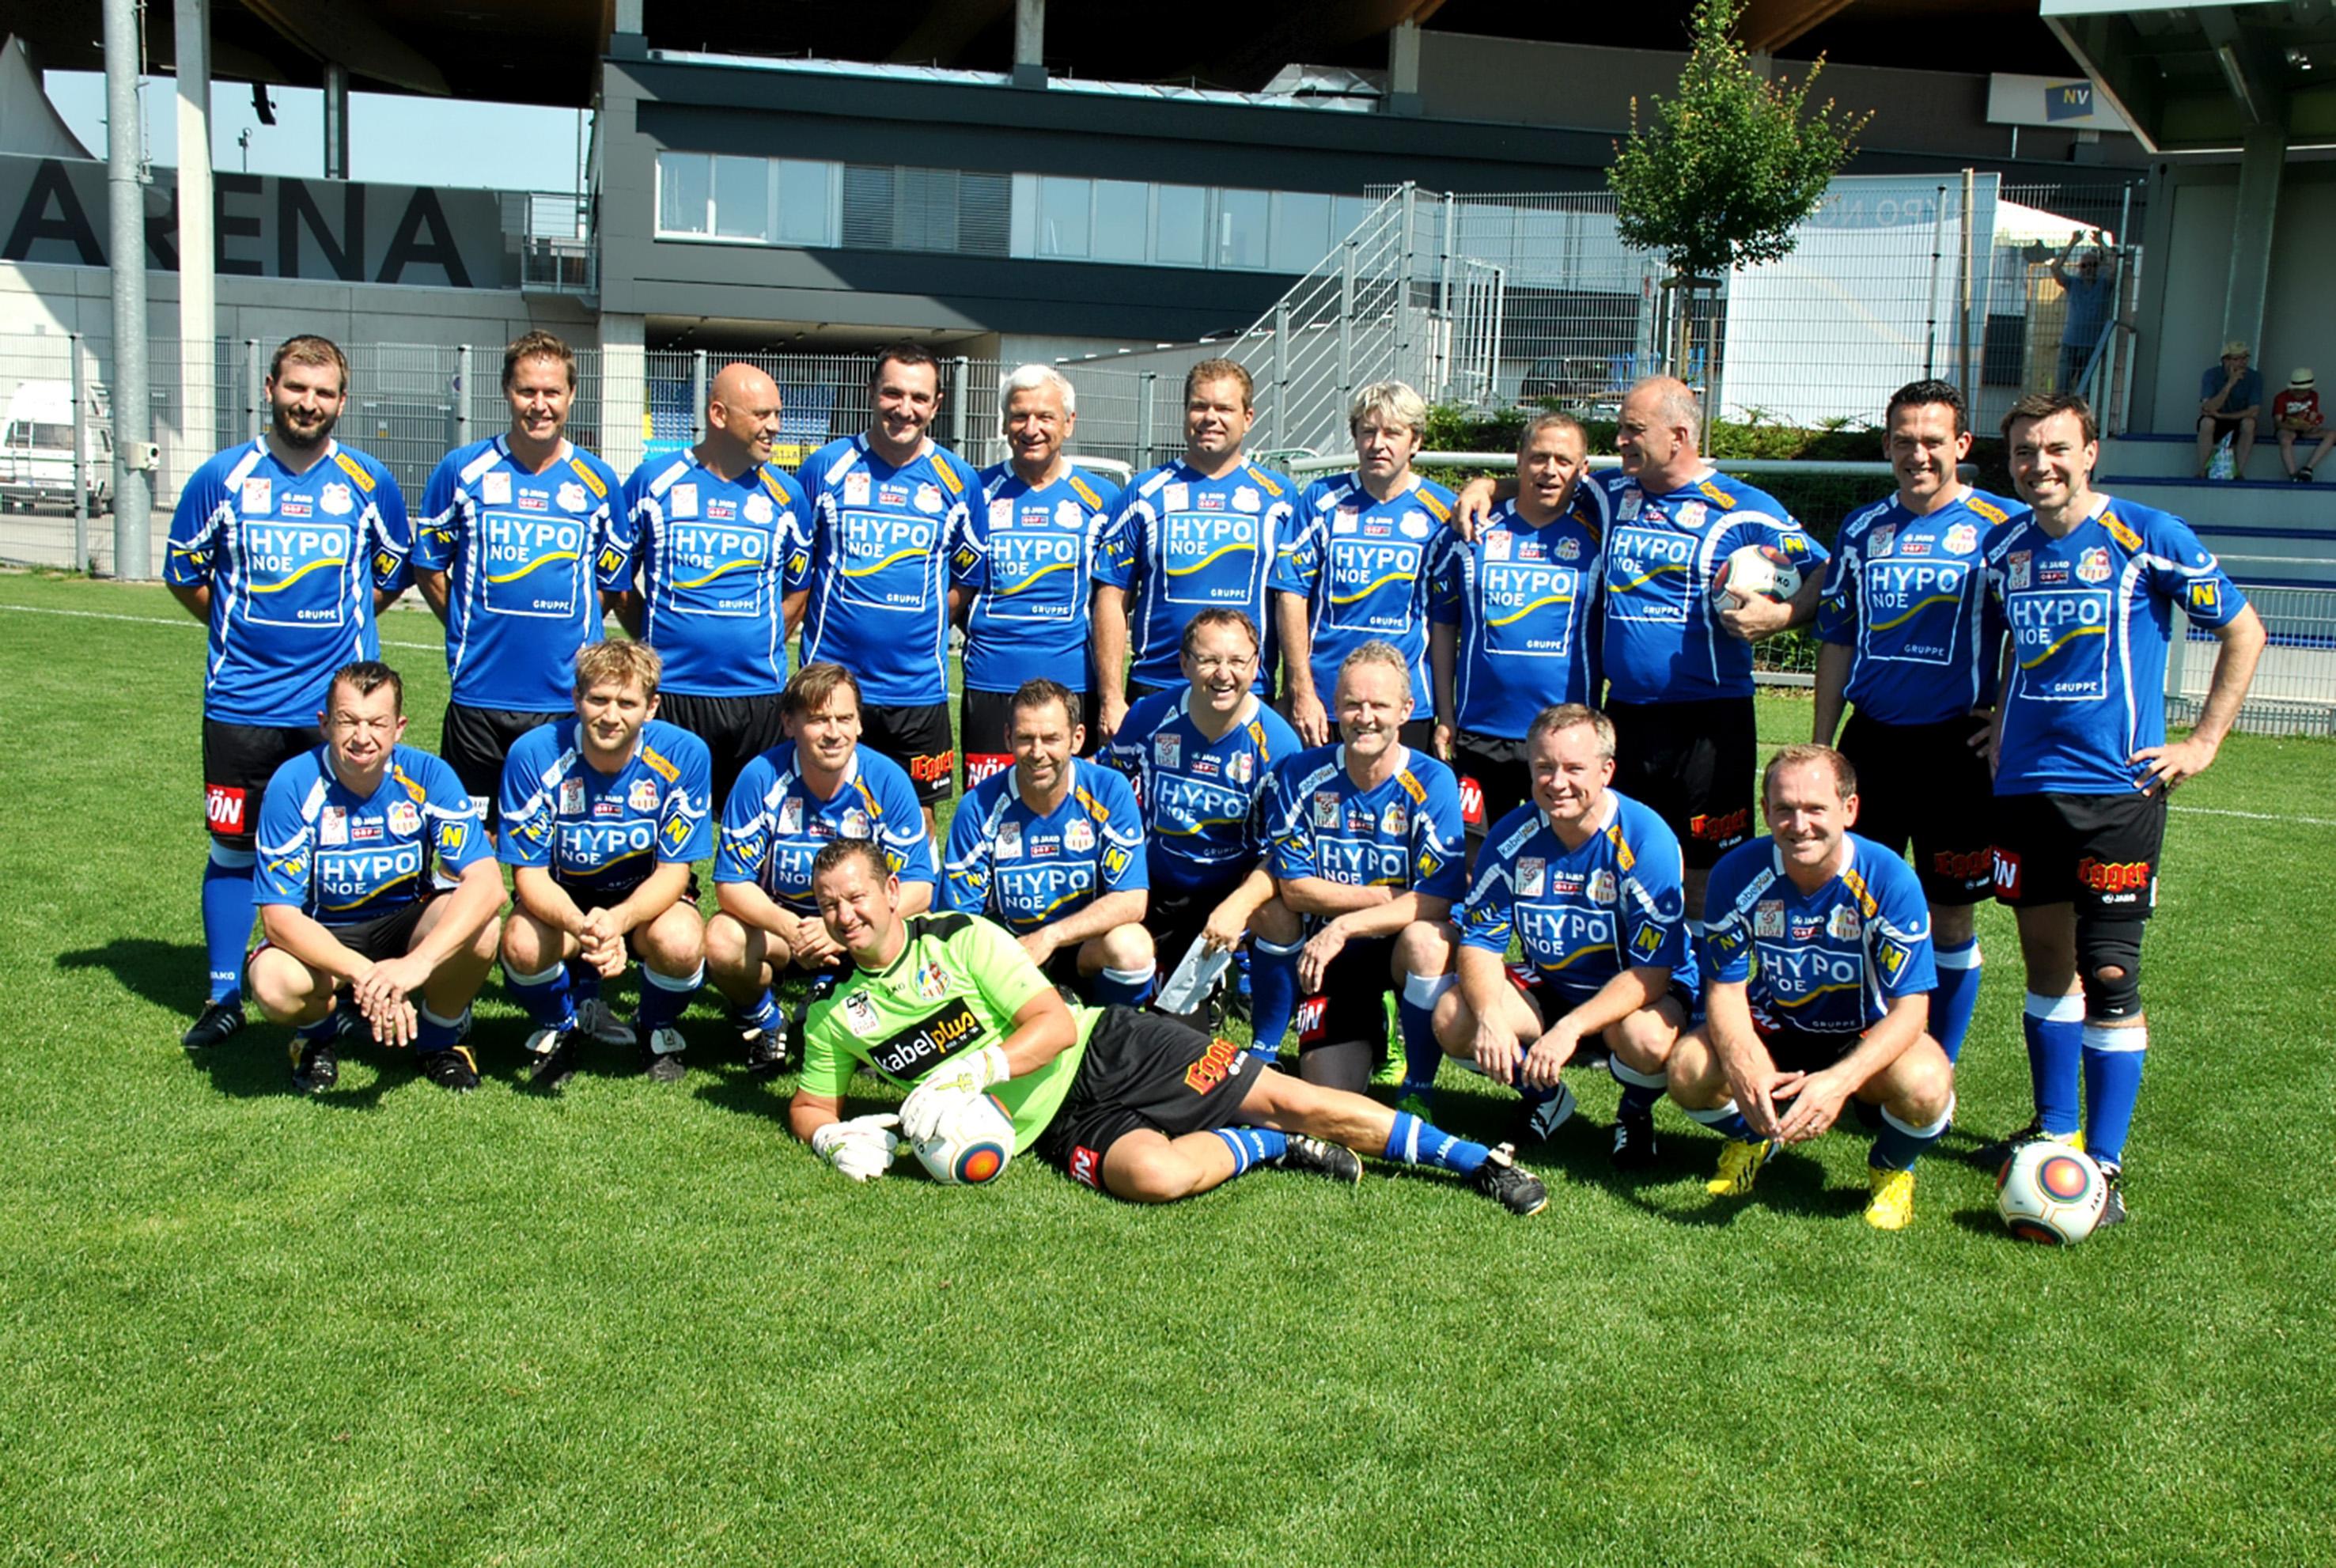 Club Niederösterreich-Fußballer gastieren in der Landeshauptstadt – 3.7.2015